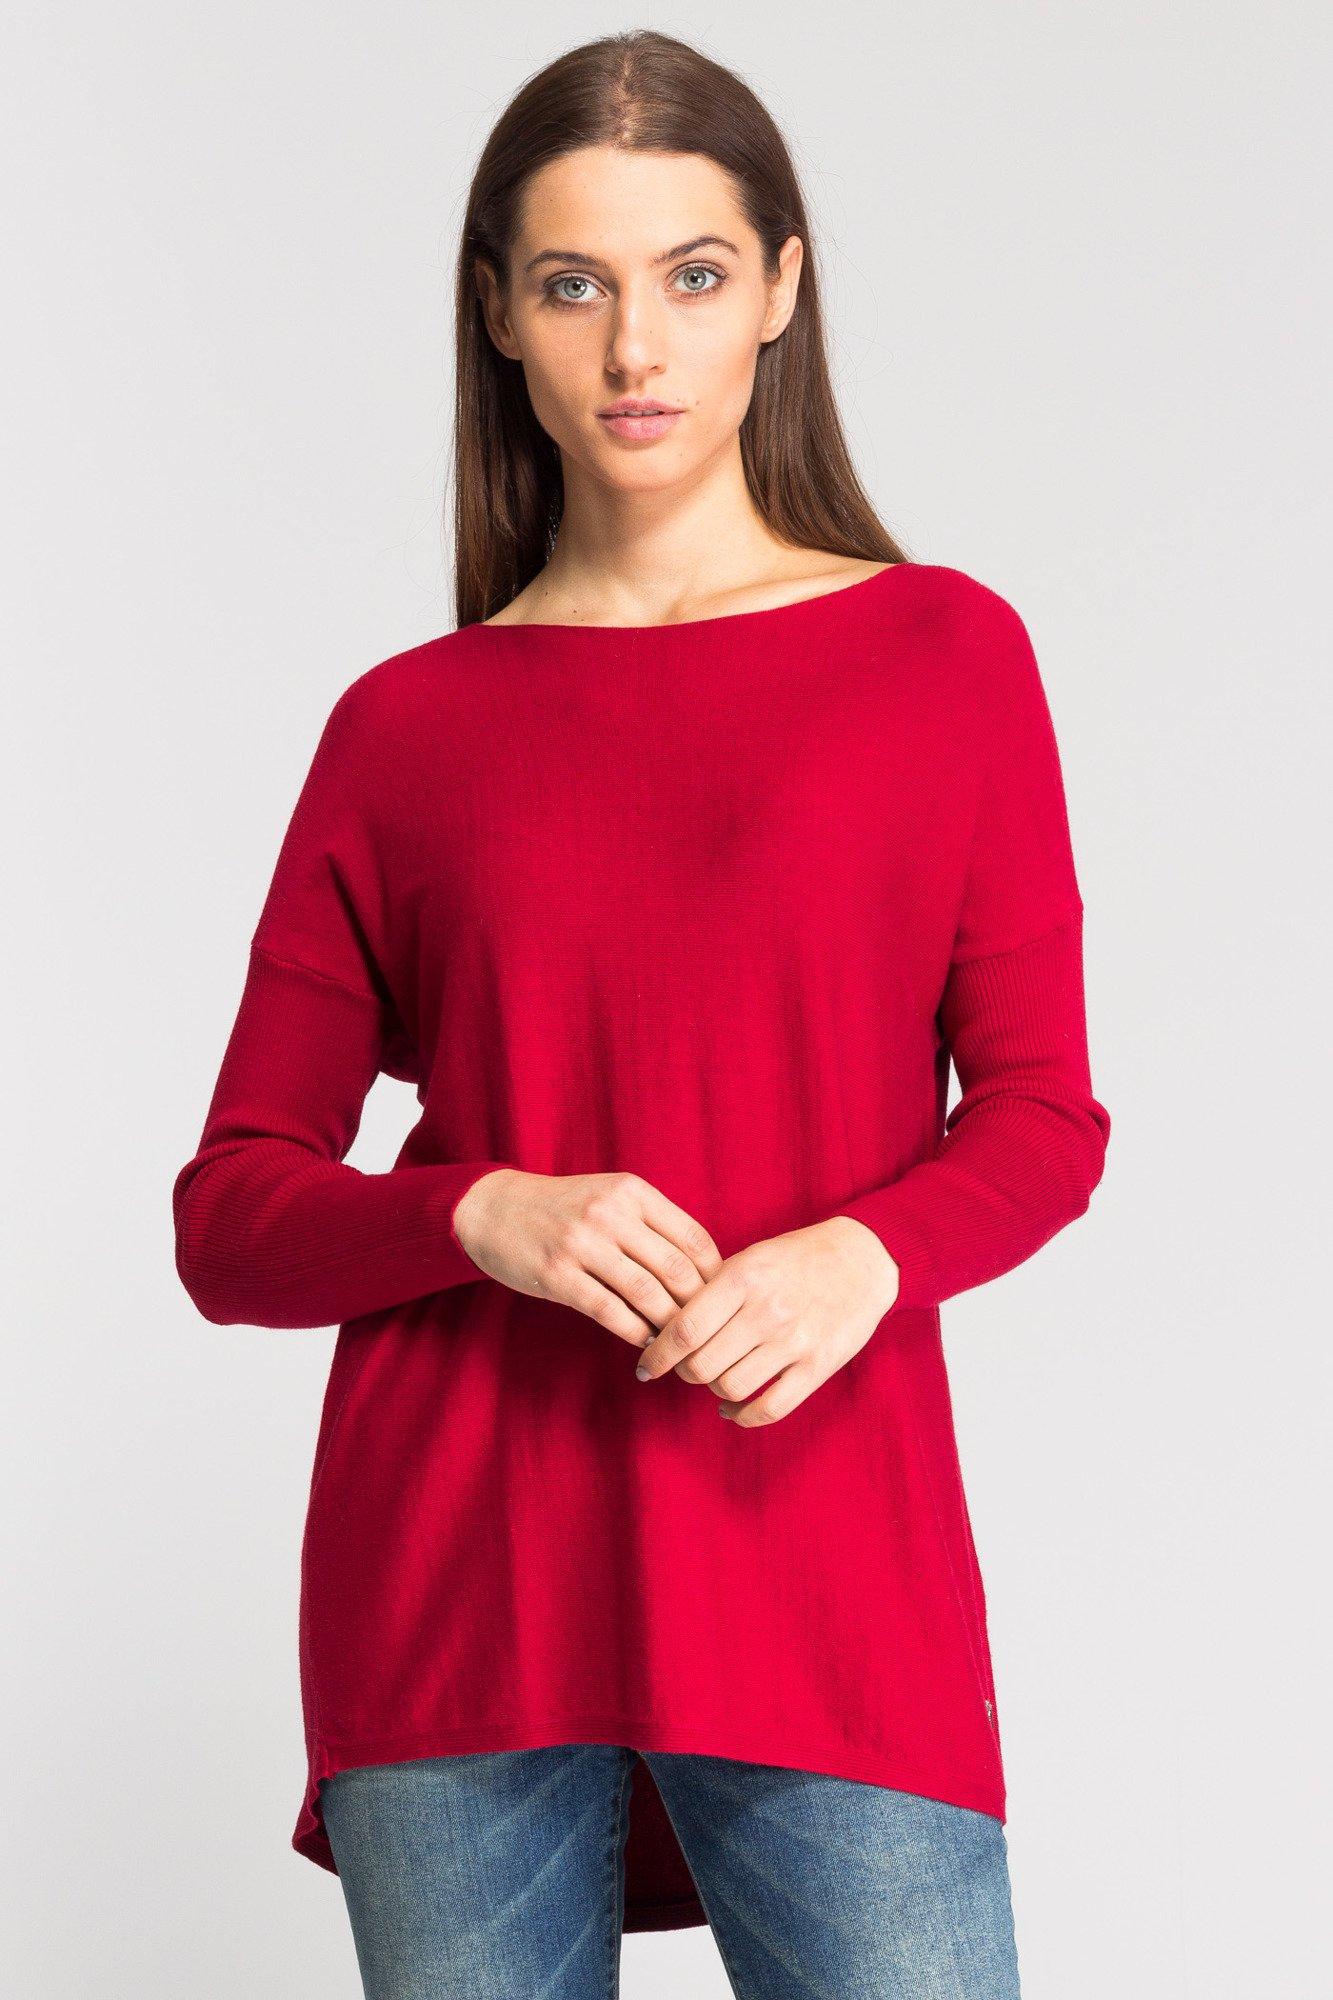 4127b83f942c82 Czerwony asymetryczny sweter damski; Czerwony asymetryczny sweter damski ...